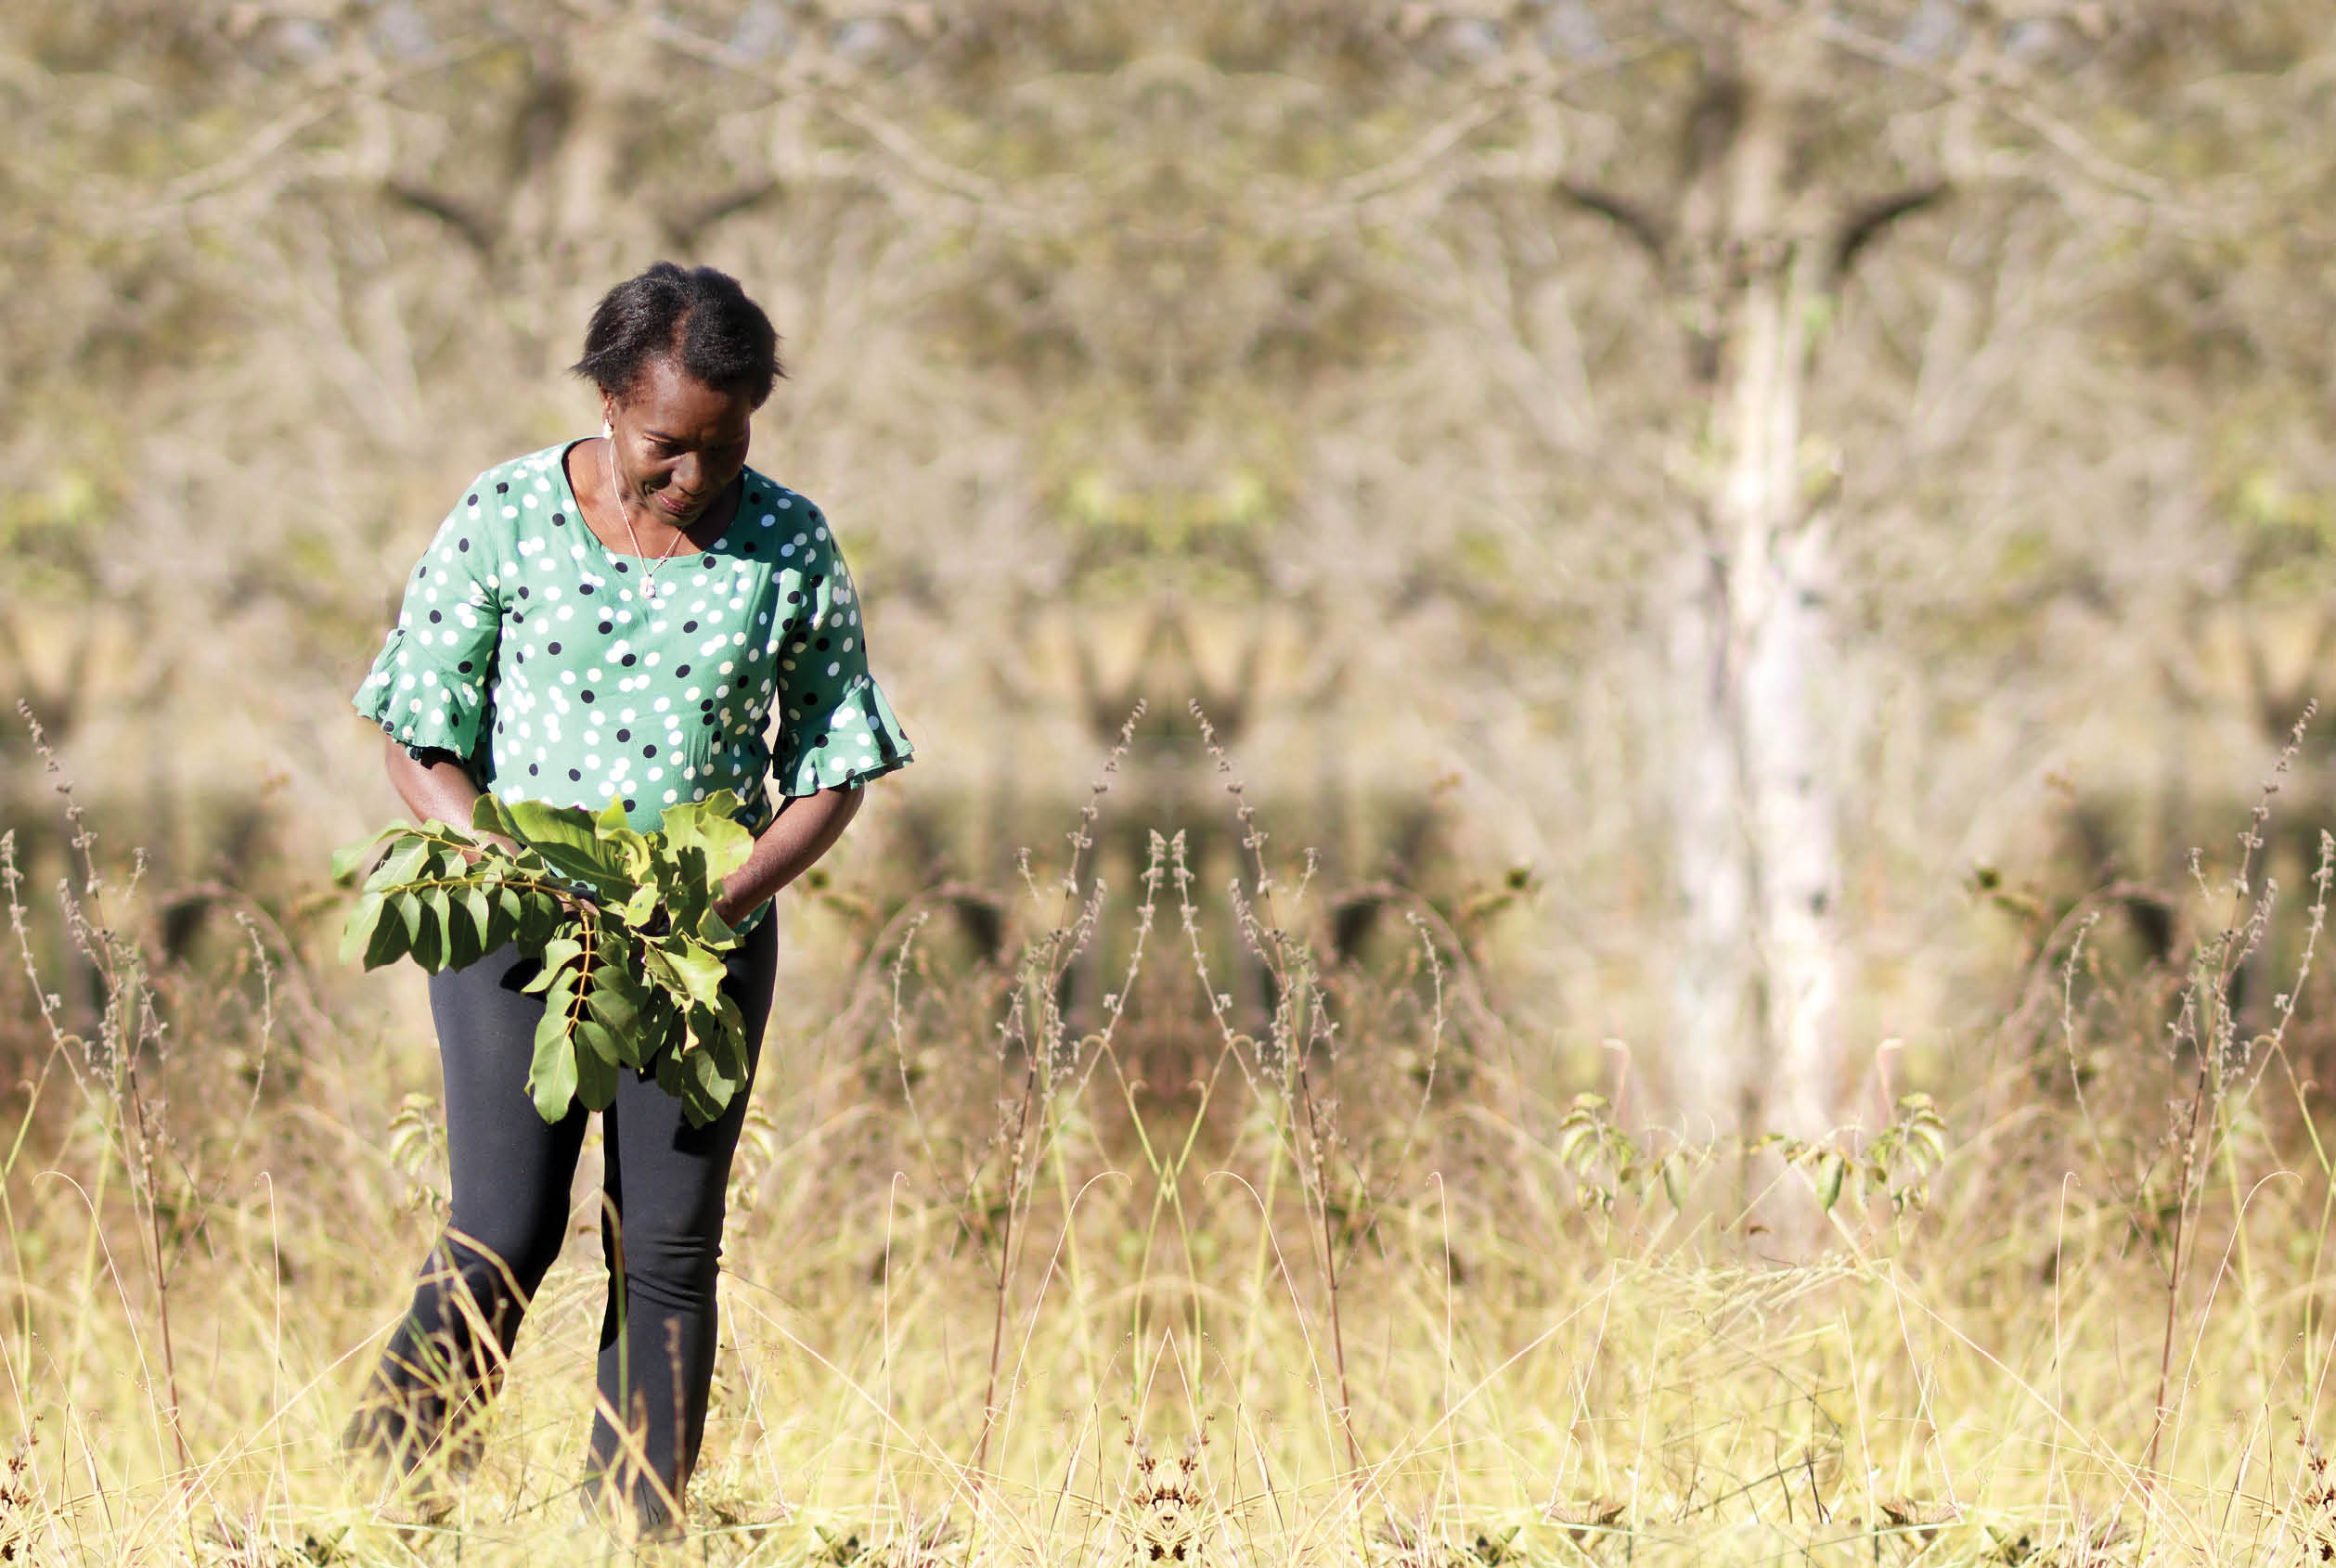 Matriarca colhe plantas no Cerrado: agronegócio destrói vegetação original. Foto divulgação